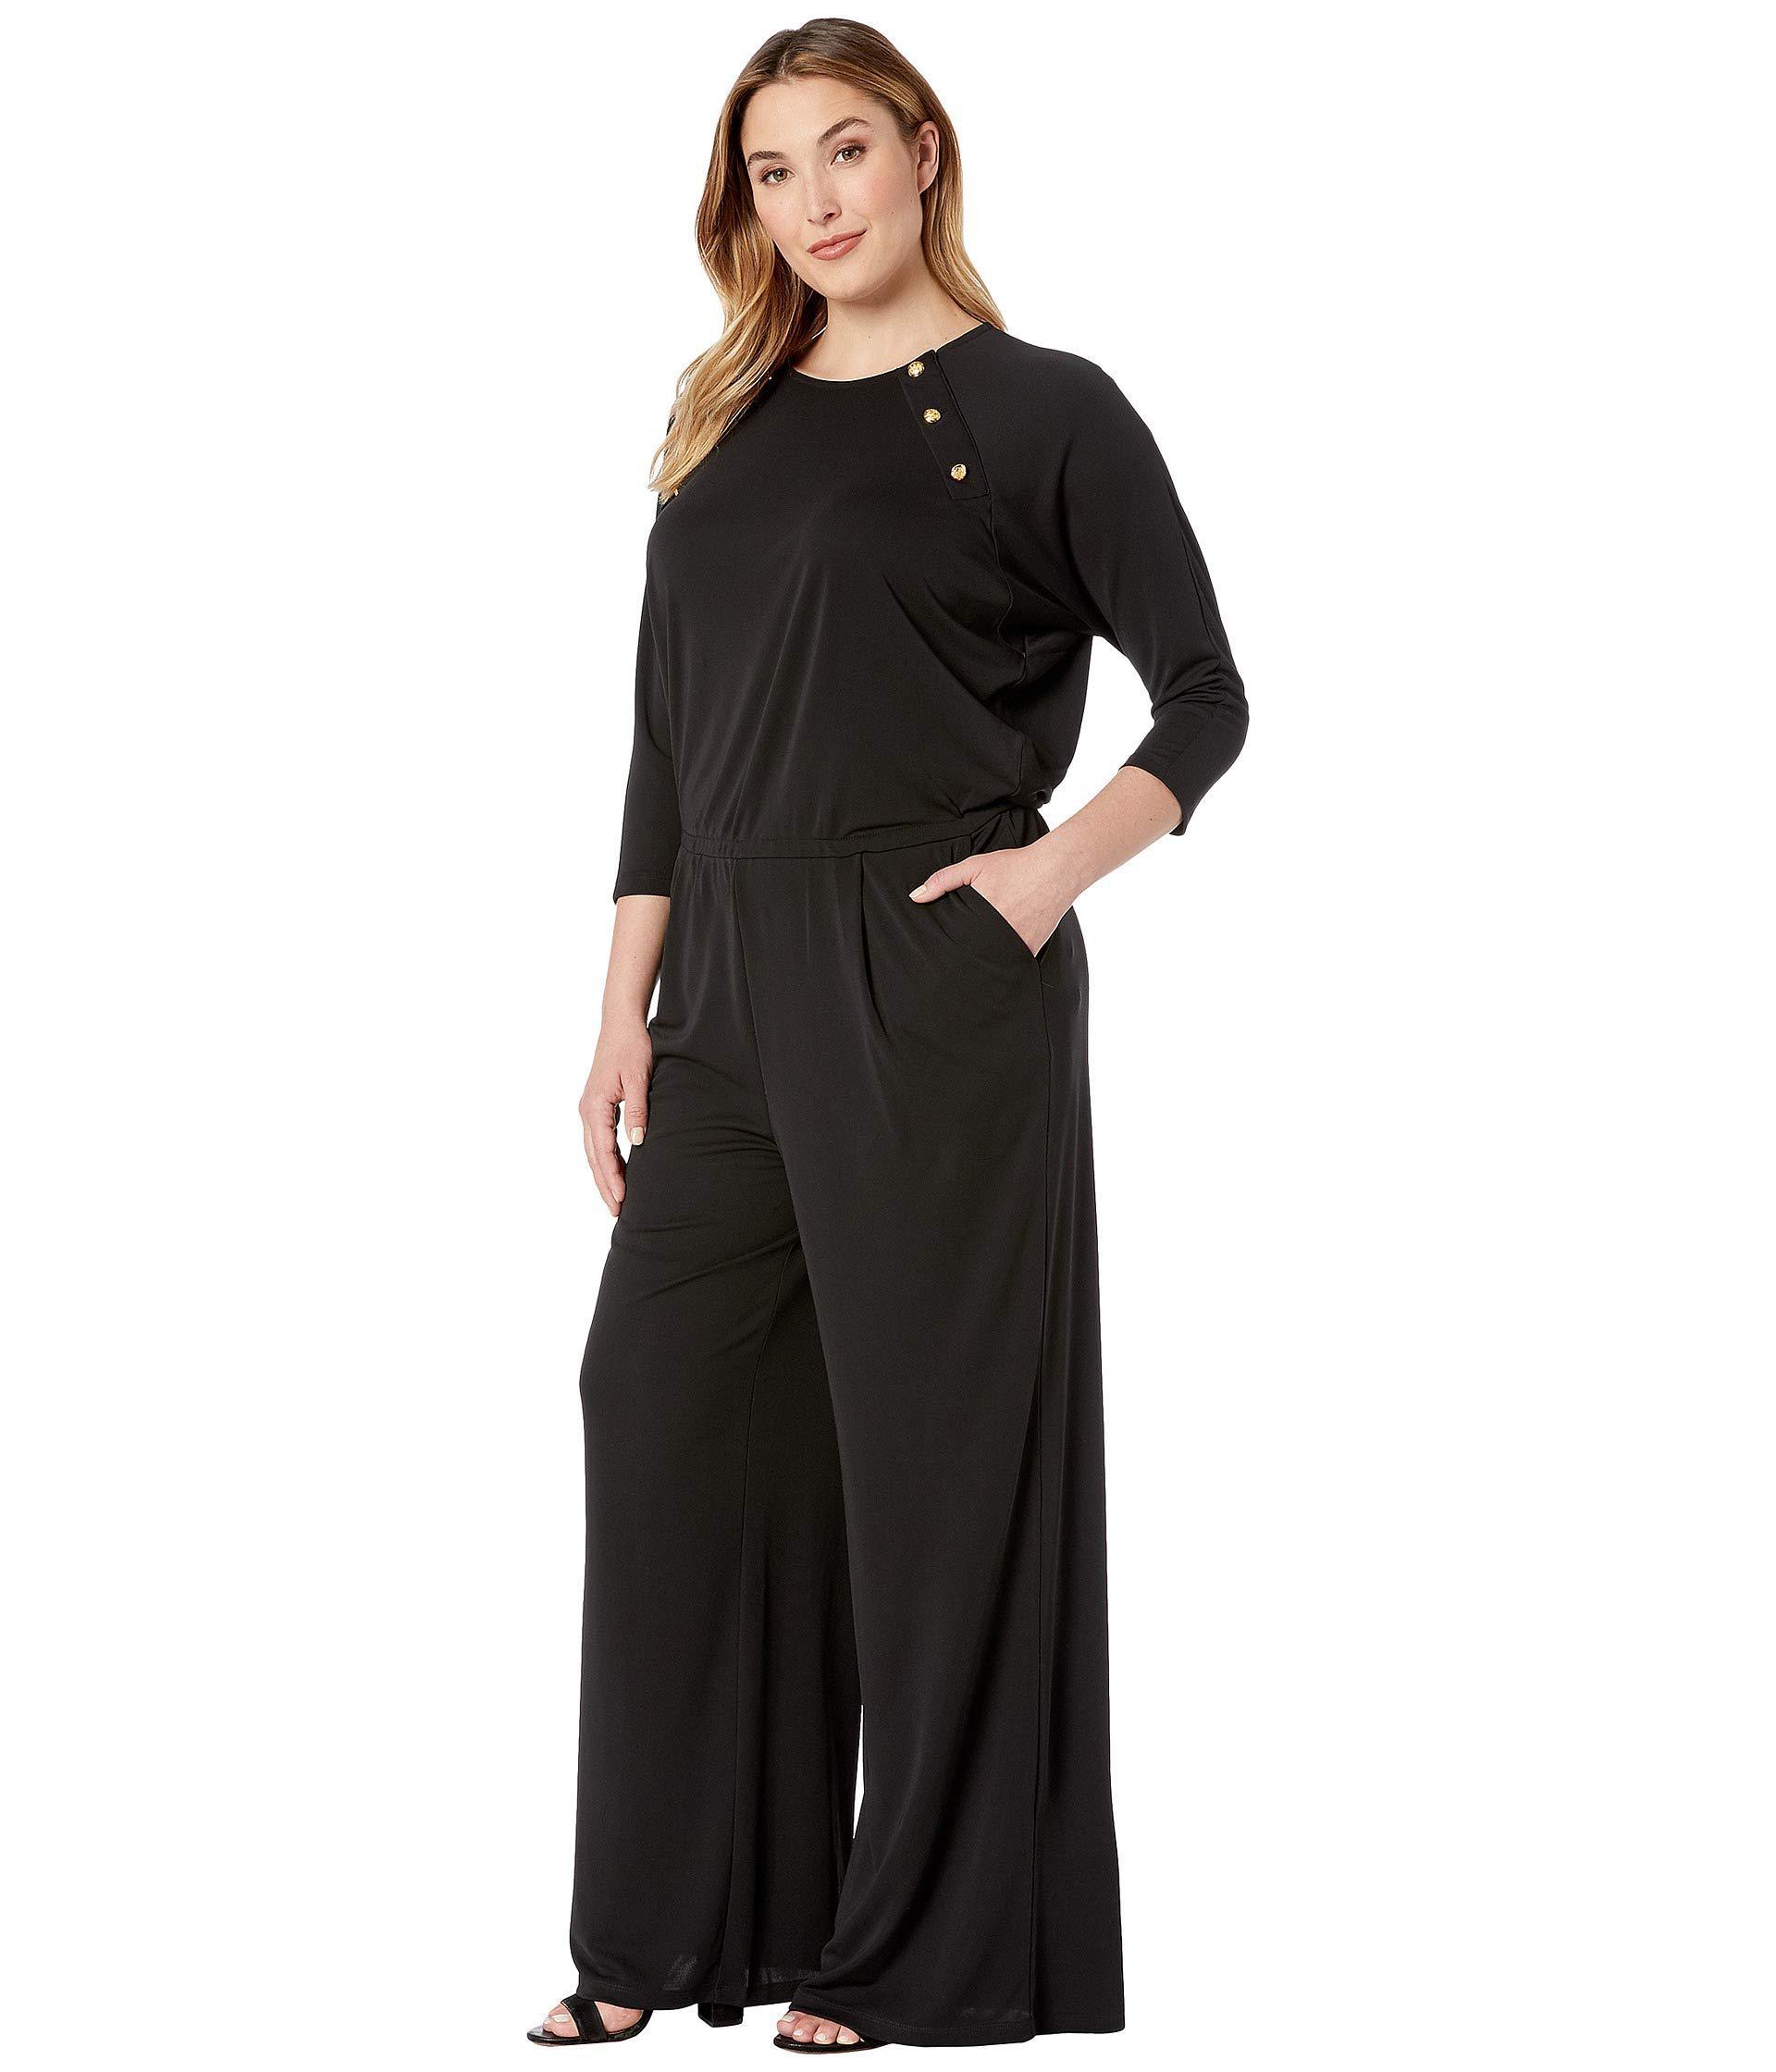 d4f20611e267 Lyst - Lauren by Ralph Lauren Plus Size Rivet-trim Jersey Jumpsuit (polo  Black) Women s Jumpsuit   Rompers One Piece in Black